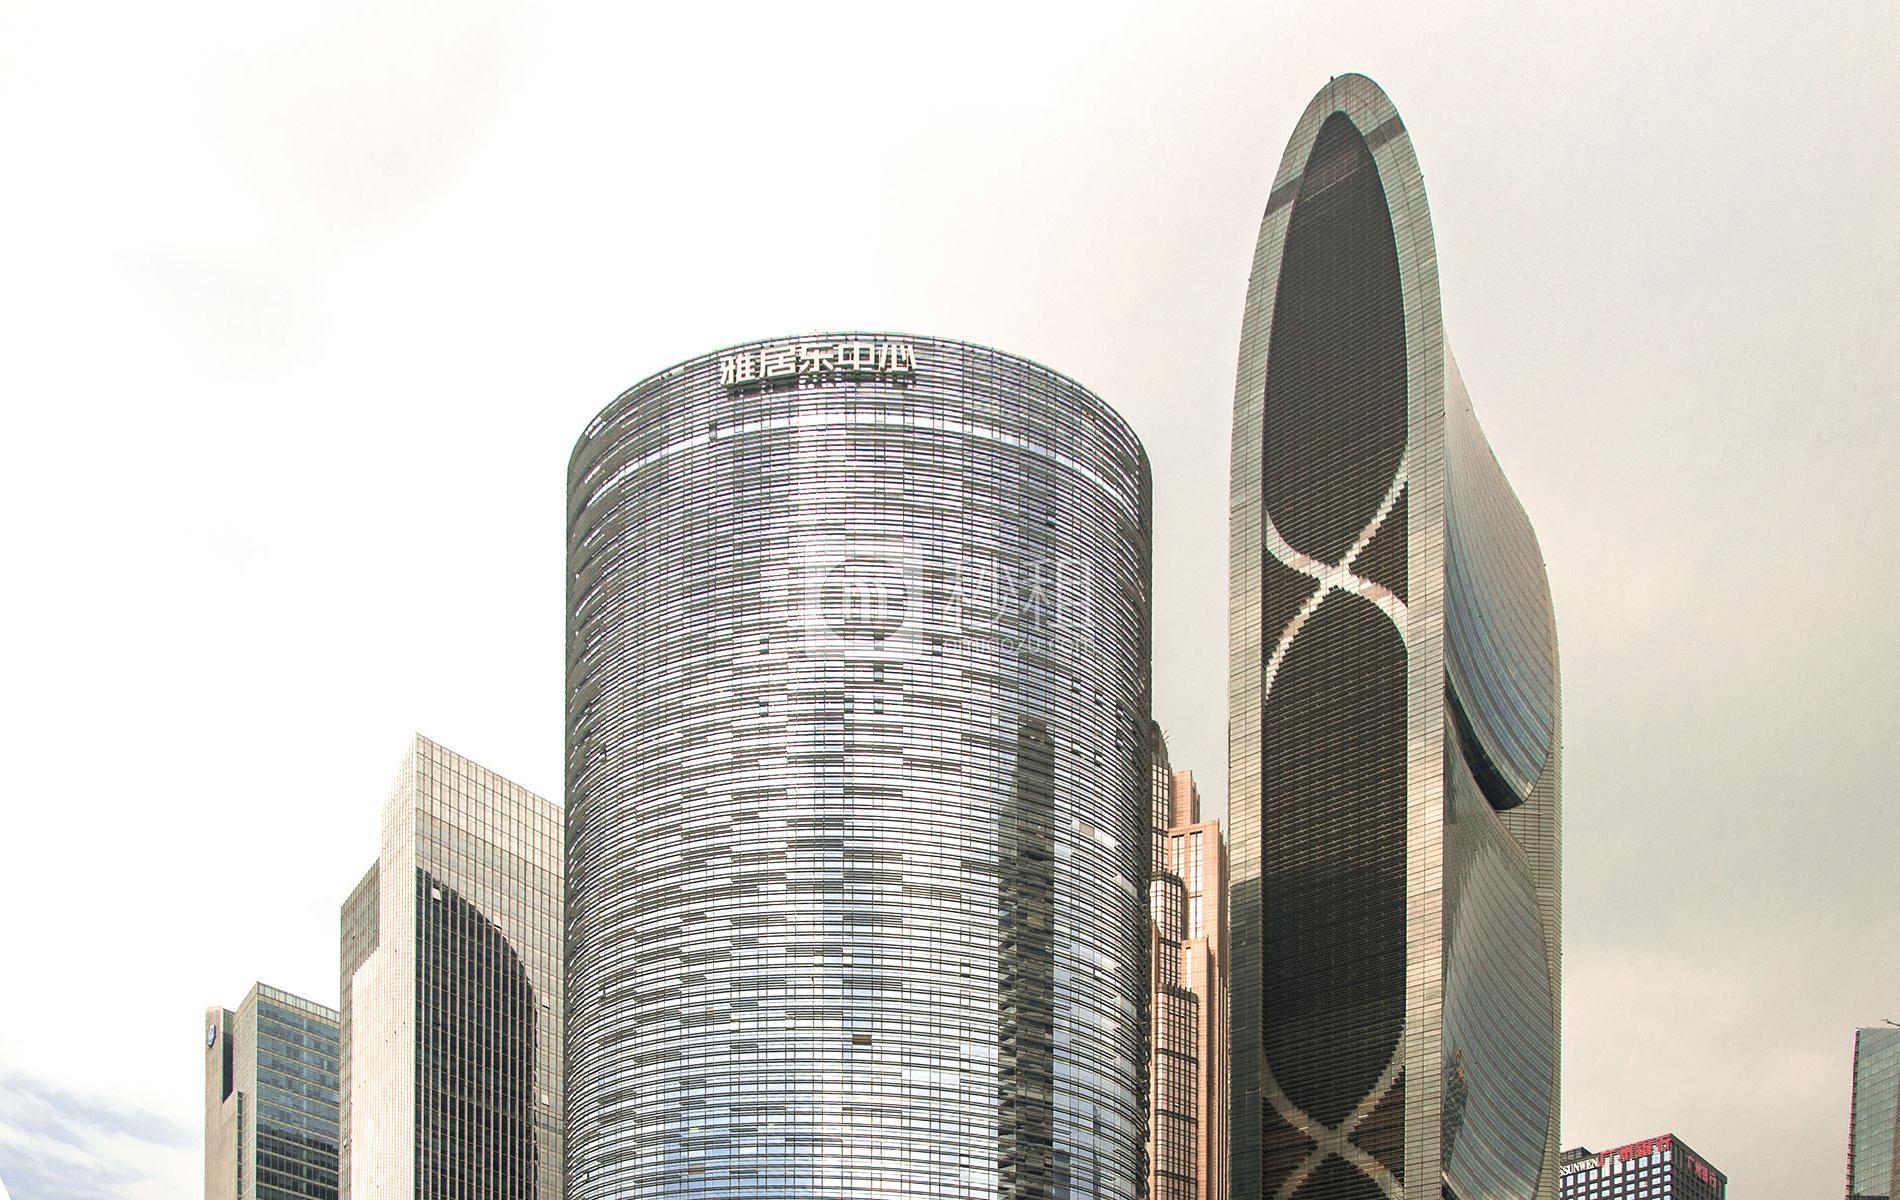 雅居乐中心写字楼出租/招租/租赁,雅居乐中心办公室出租/招租/租赁